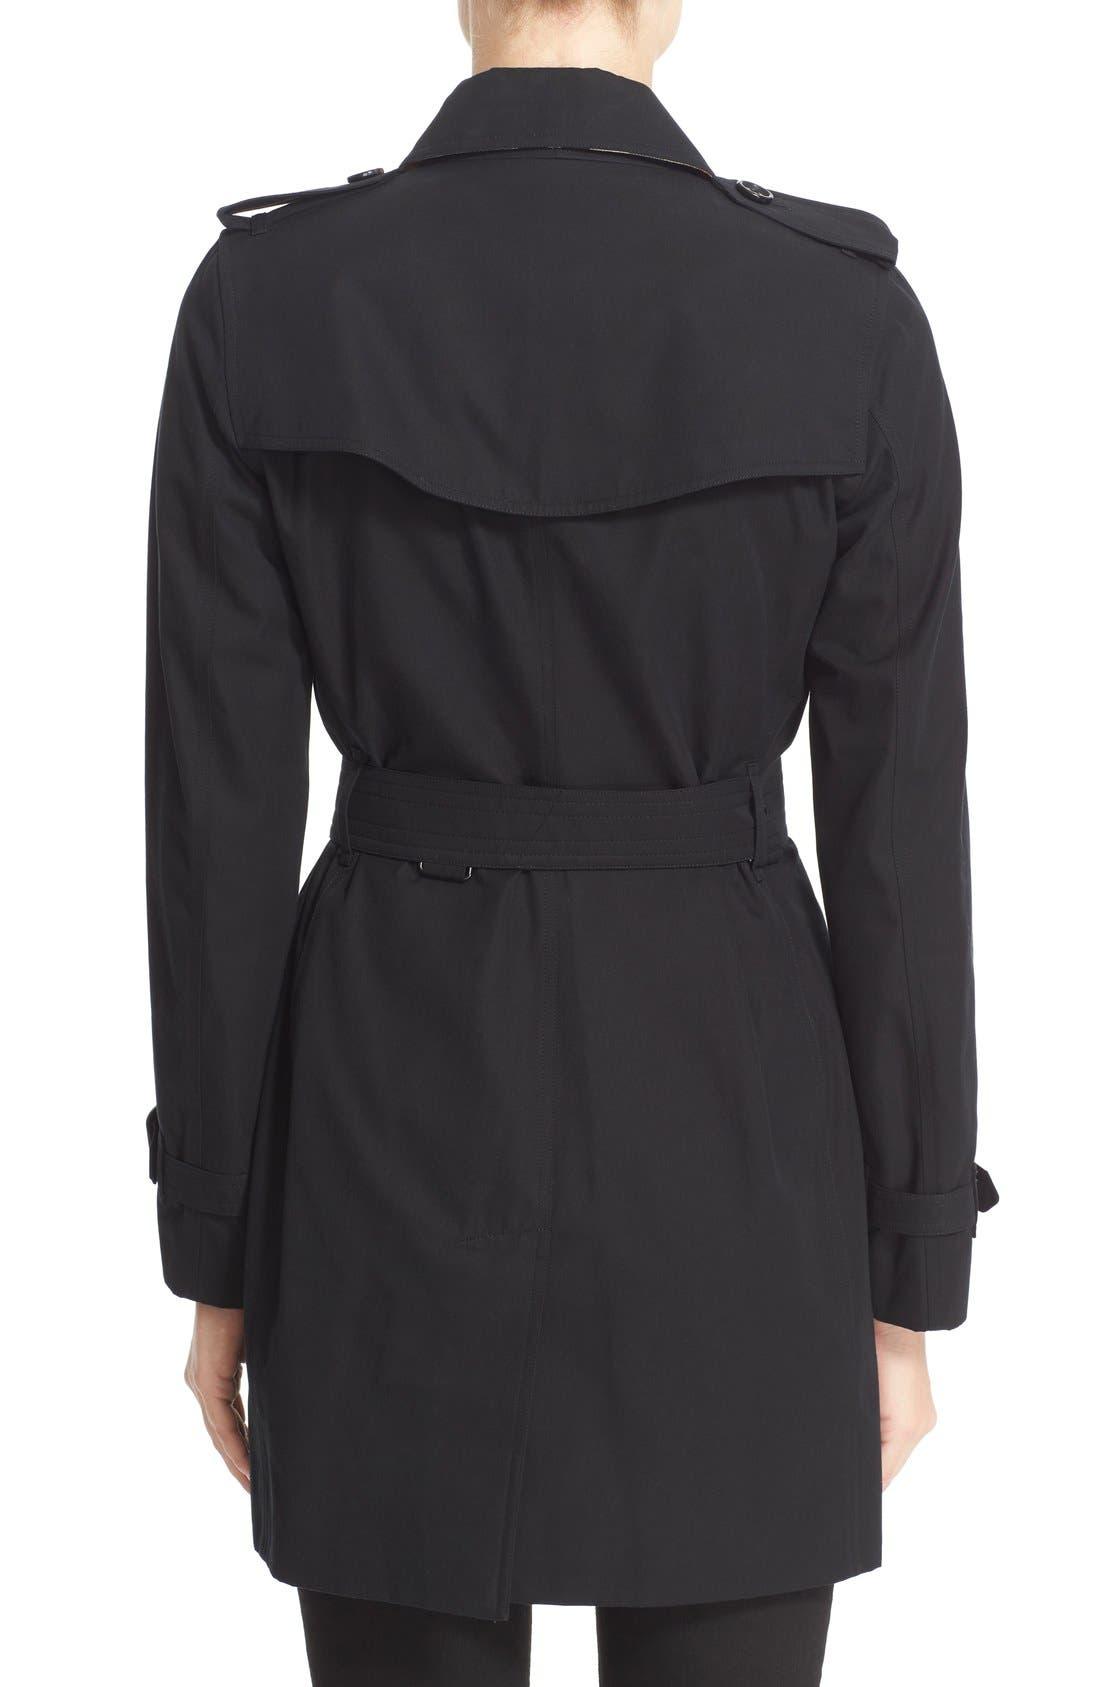 c596dfbfa Women's Burberry Coats & Jackets | Nordstrom